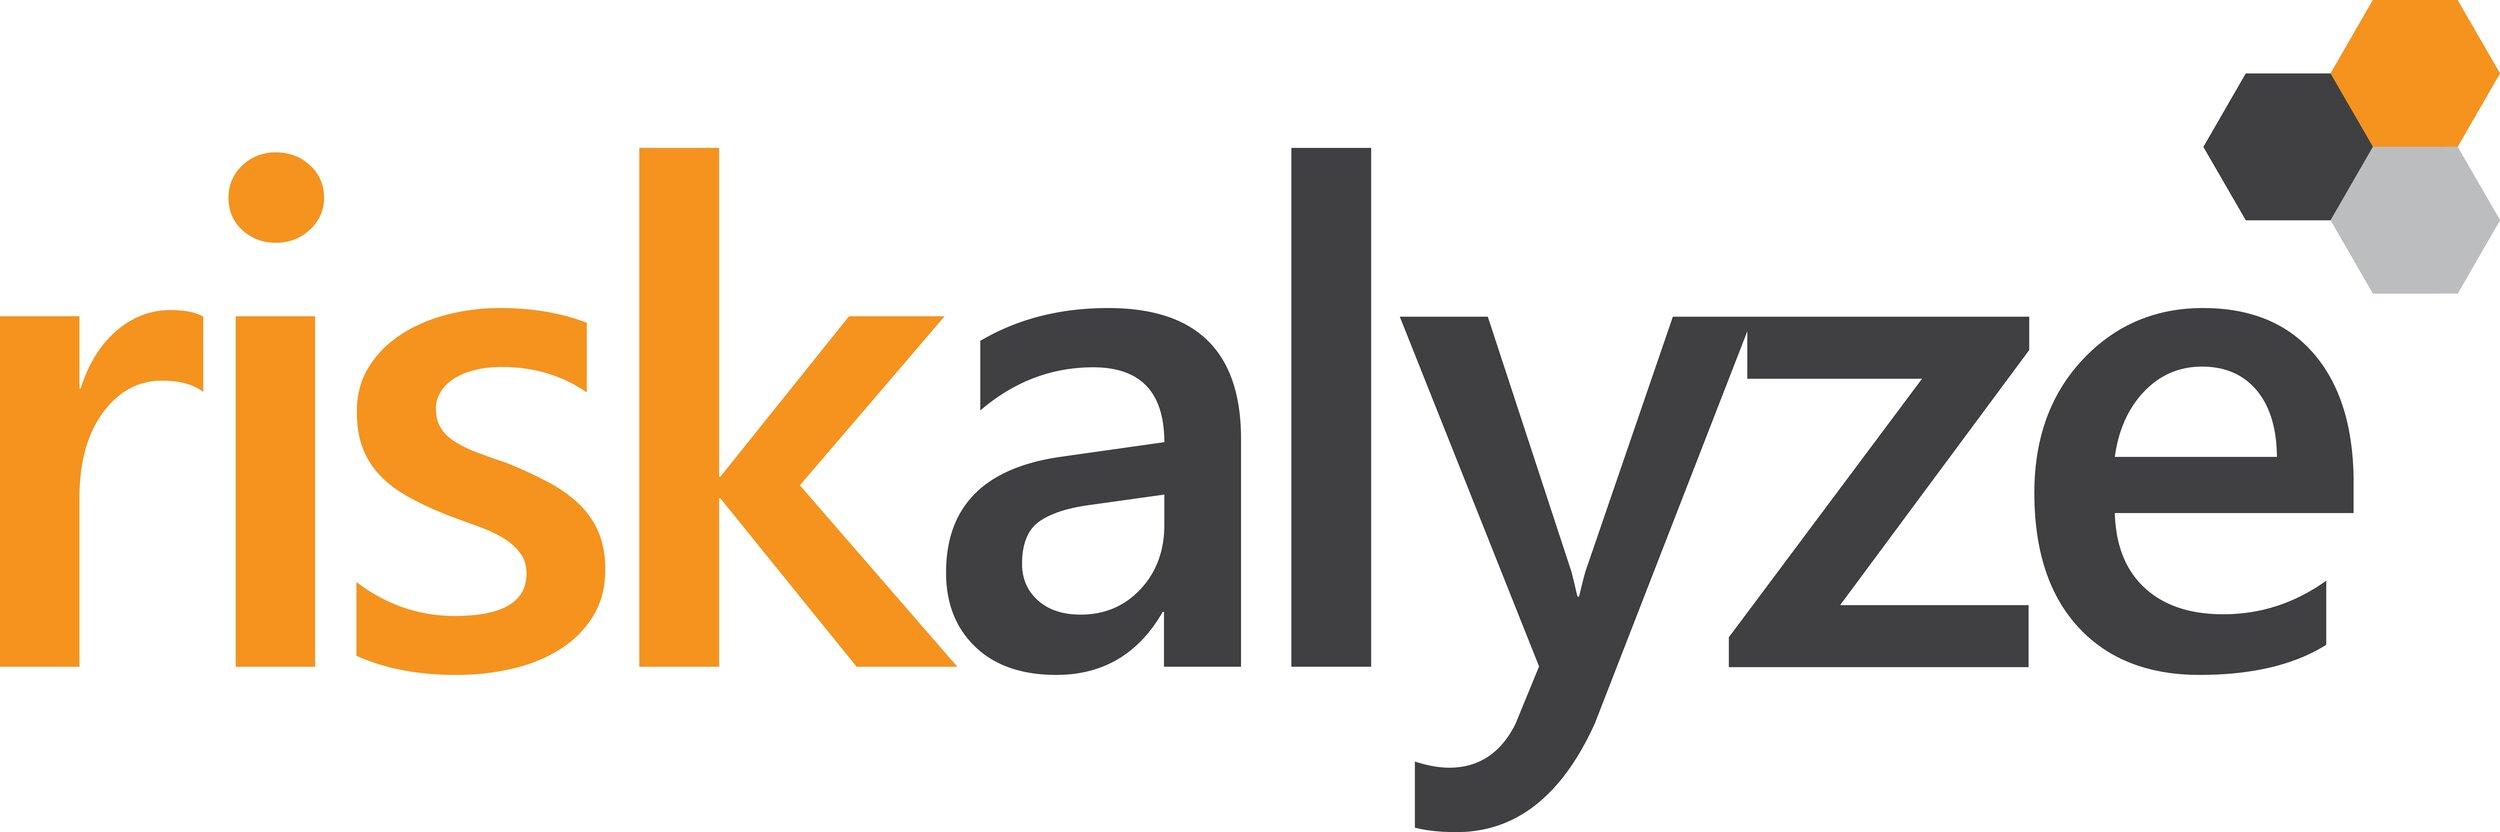 Riskalyze Logo.jpg